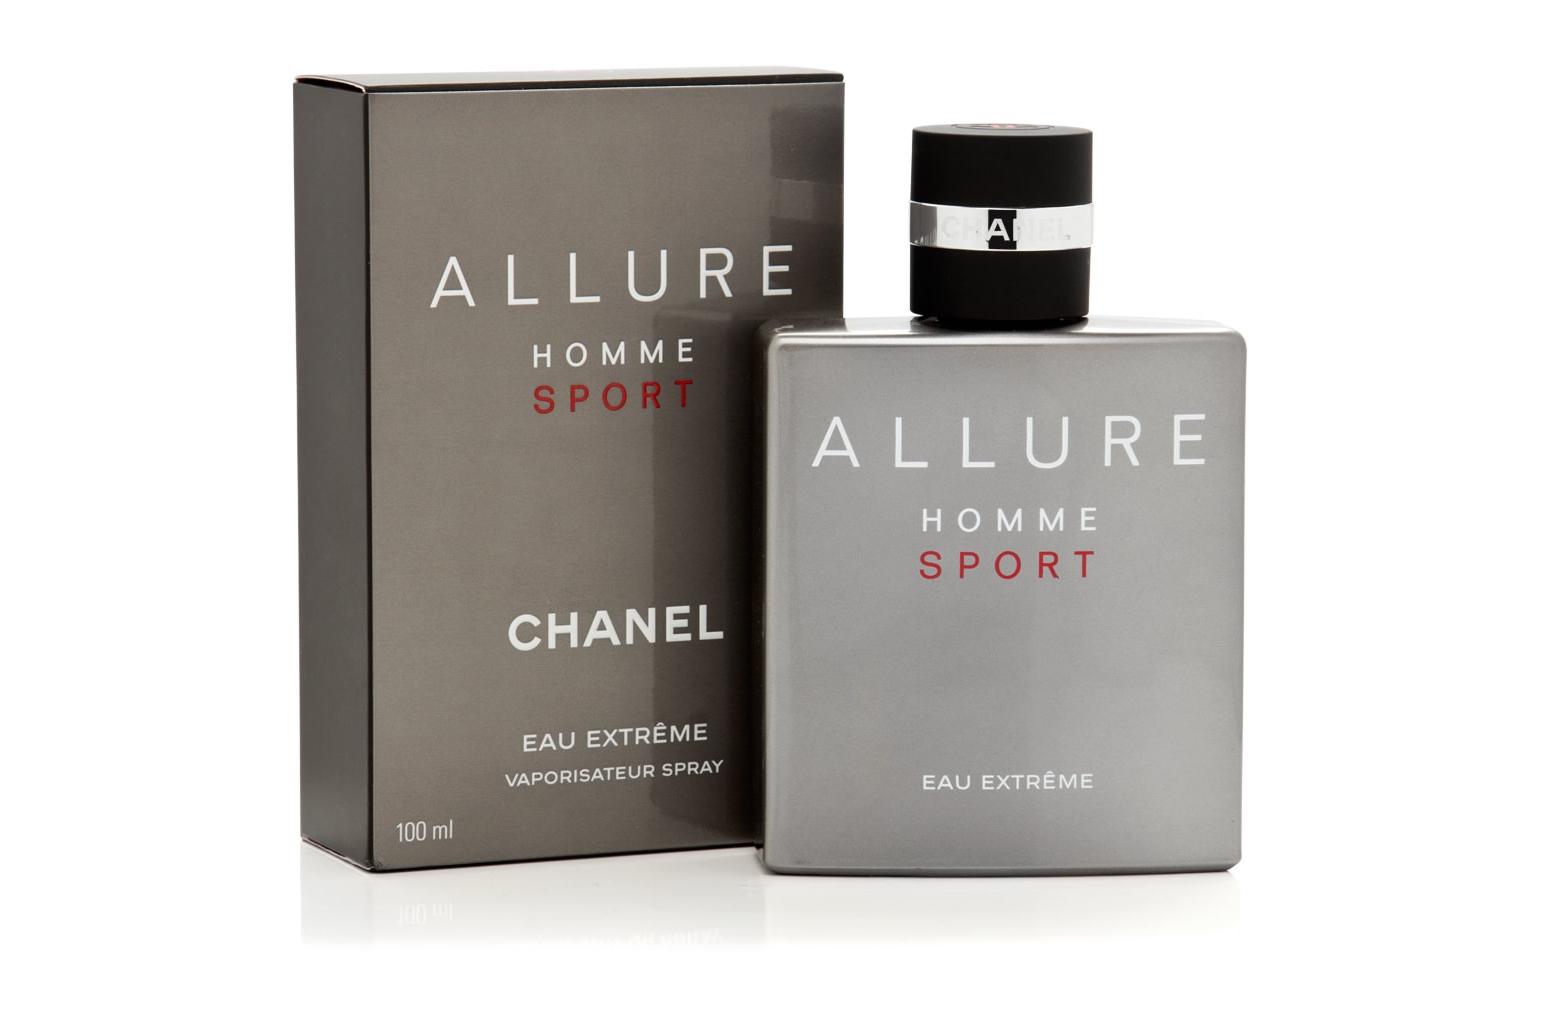 Мужественный, наполненный бурлящей энергией и чувственностью аромат Allure Homme Sport Eau Extreme от Chanel создан для молодых мужчин как олицетворение их изысканности, благородной мужской силы и самоконтроля. Предназначен для мужчин, любящих скорость, движение и экстремальный риск!